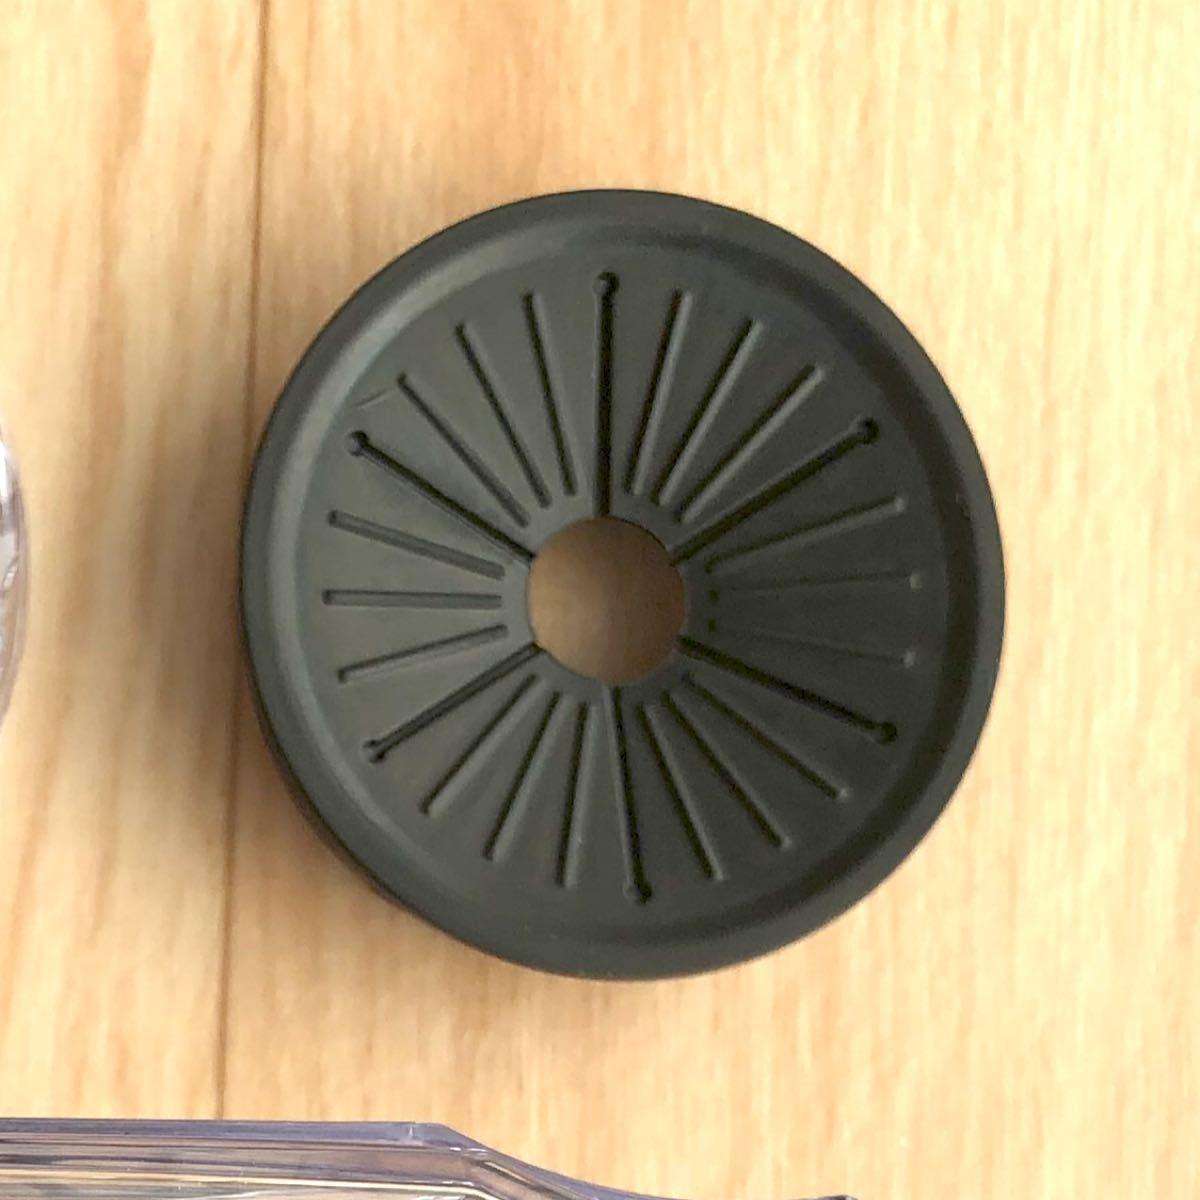 ネスカフェゴールドブレンドバリスタ コーヒータンク取り付け部ゴム